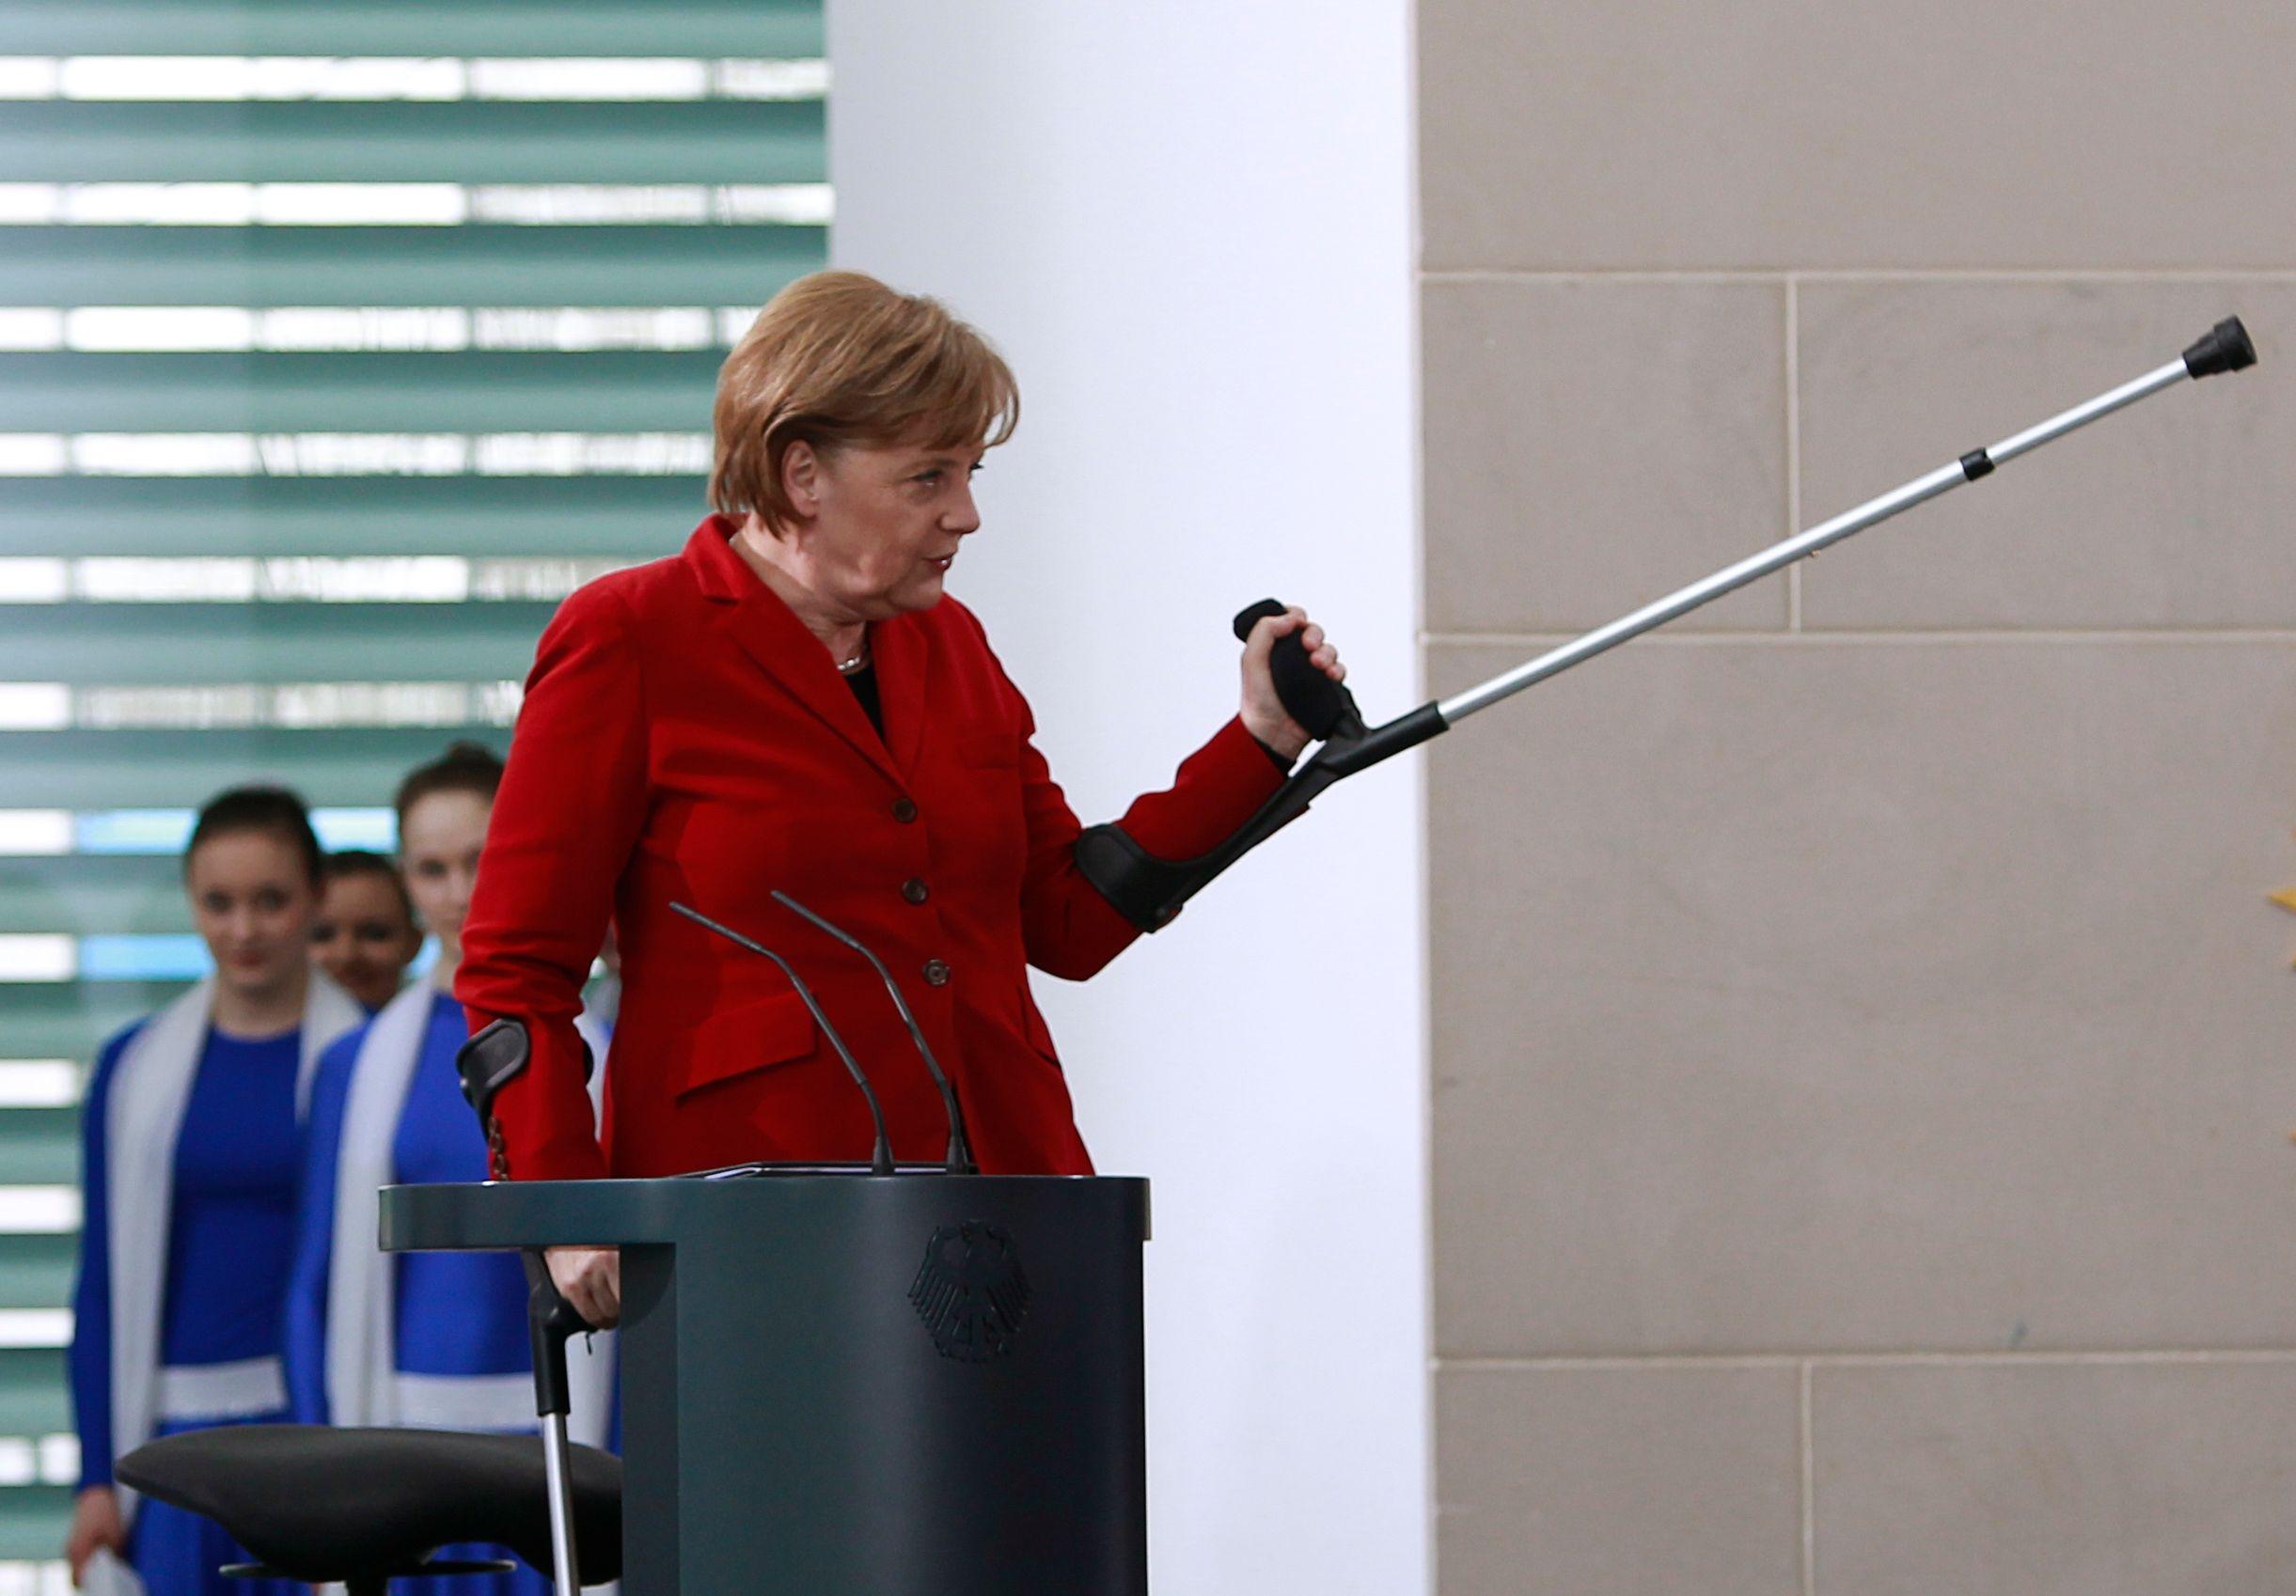 La chancelière allemande Angela Merkel avec des béquilles lors d'une réception à la Chancellerie à Berlin.